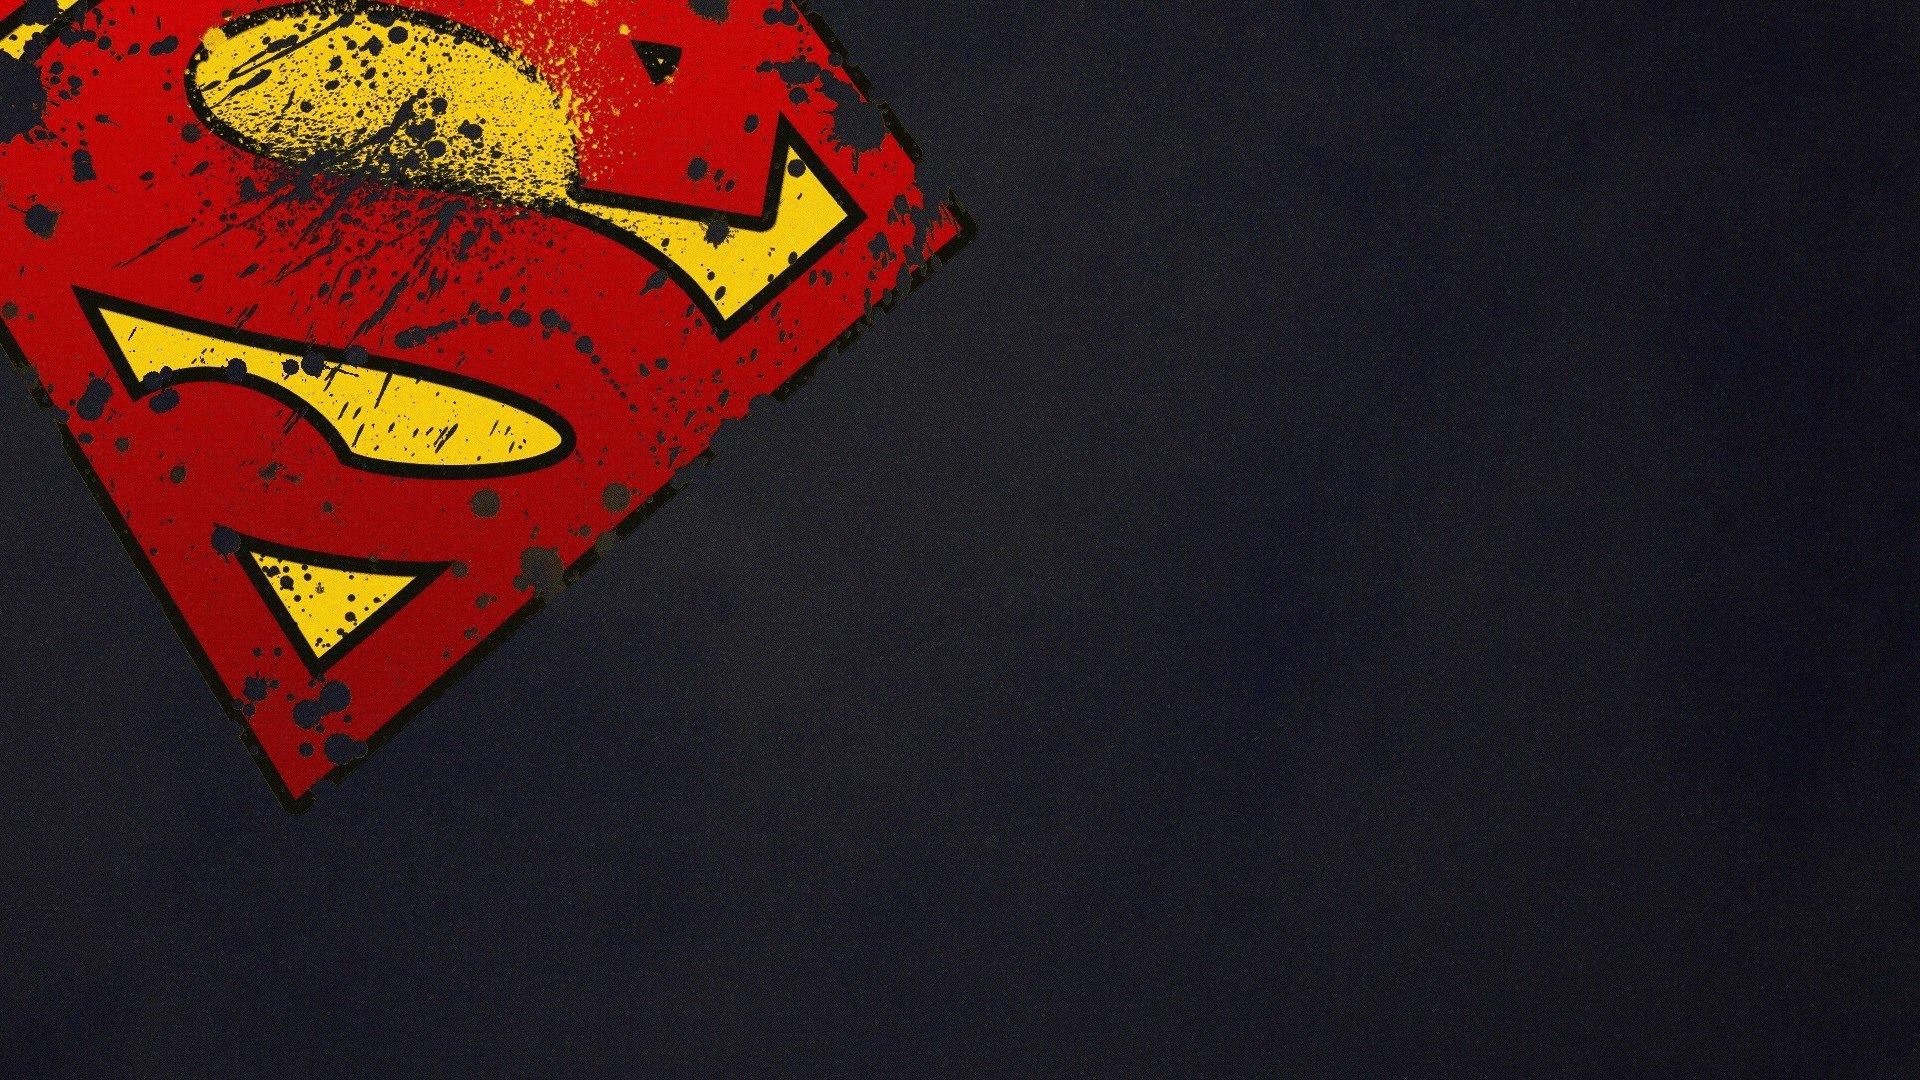 Hd wallpaper comic - Dc Comics Wallpaper 1920x1080 Dc Comics Superman Superman Logo